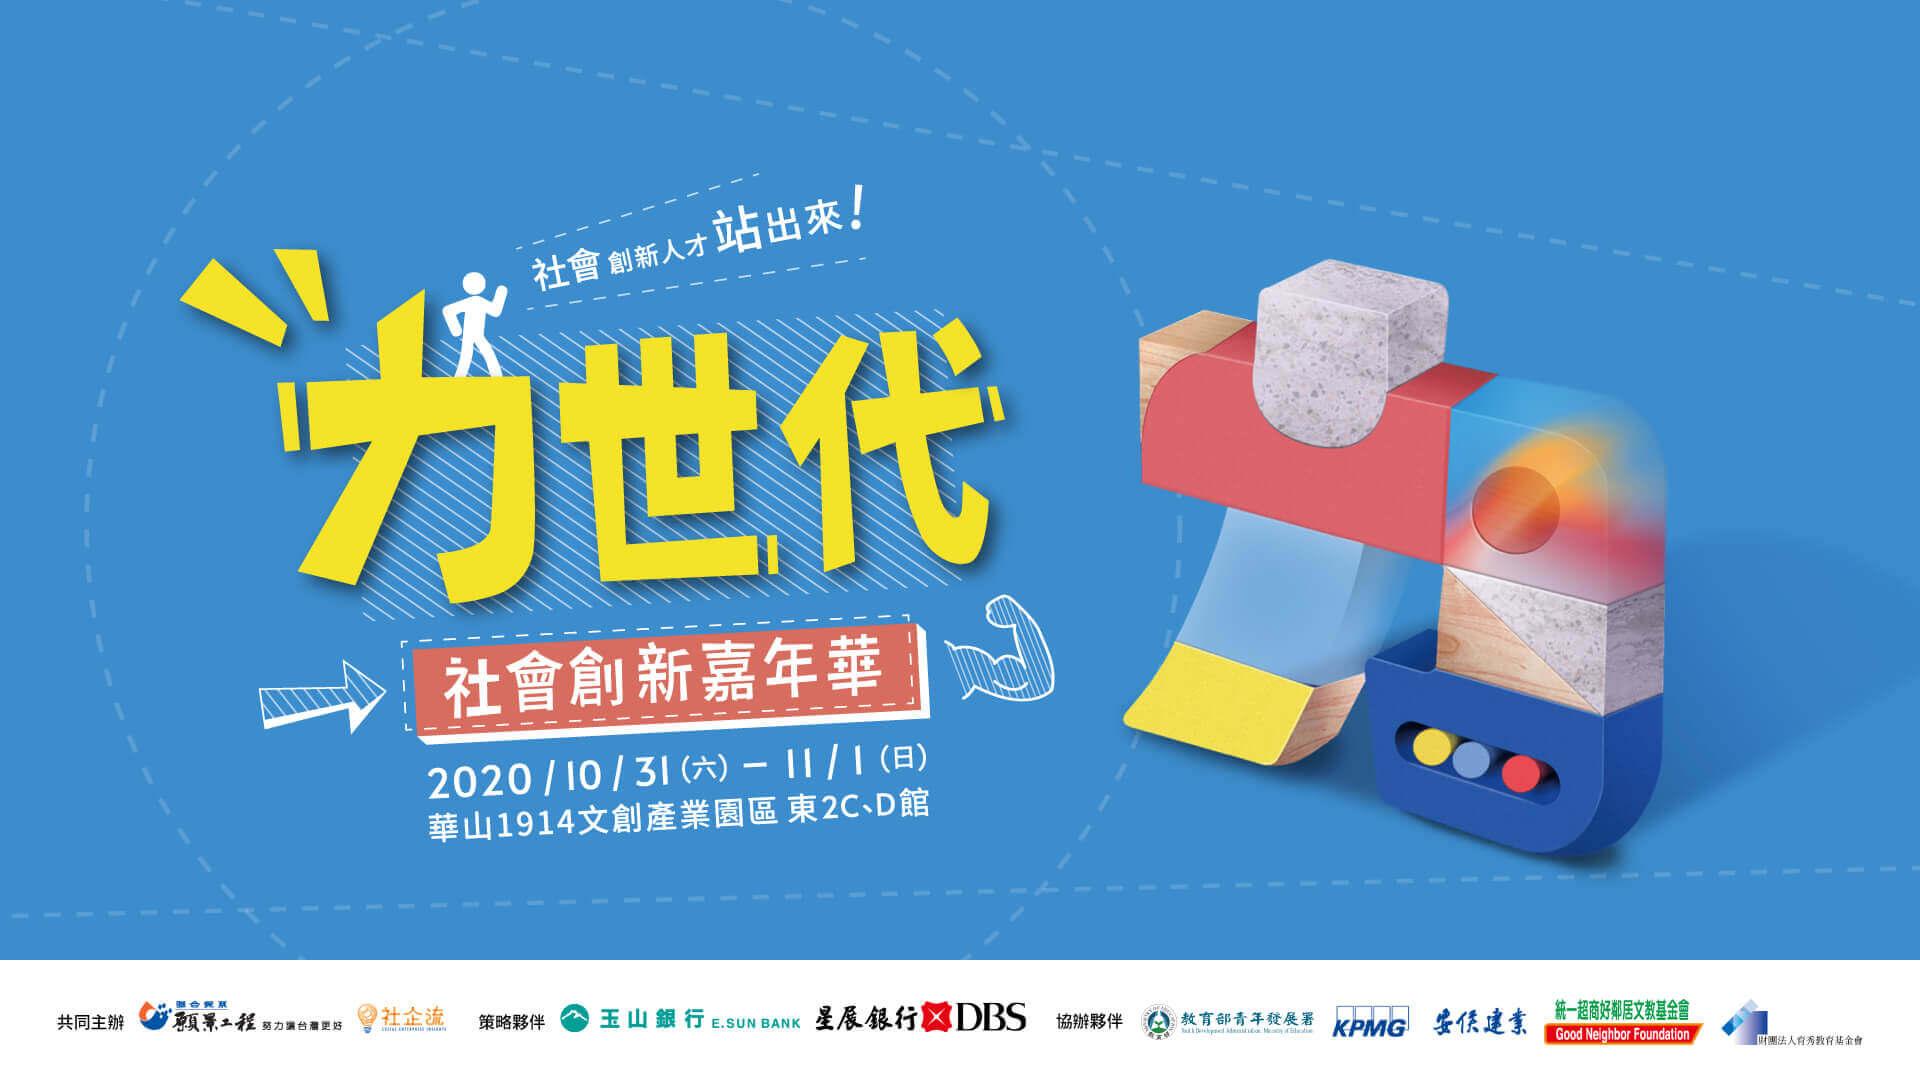 【力世代】願景工程社會創新嘉年華暨社企流八週年活動